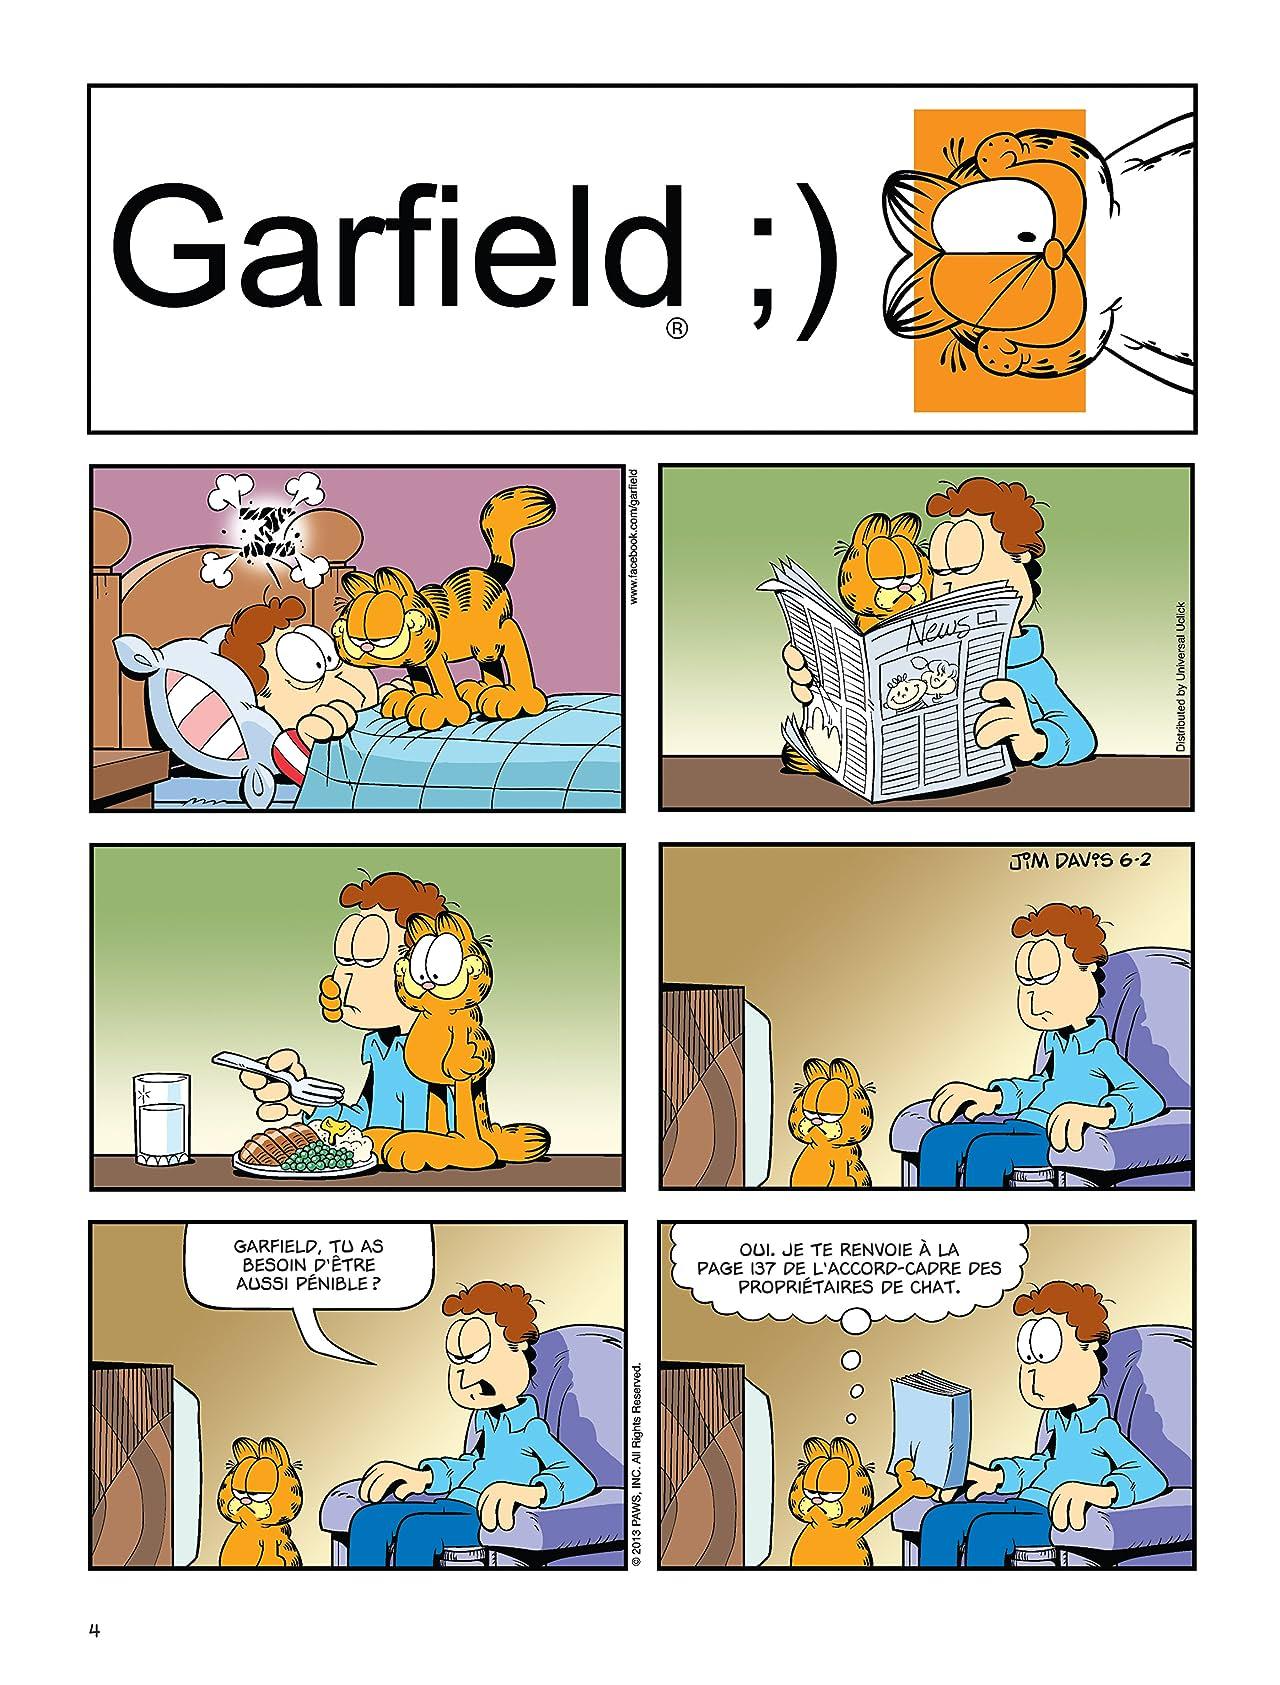 Garfield Vol. 64: Nous prend de haut